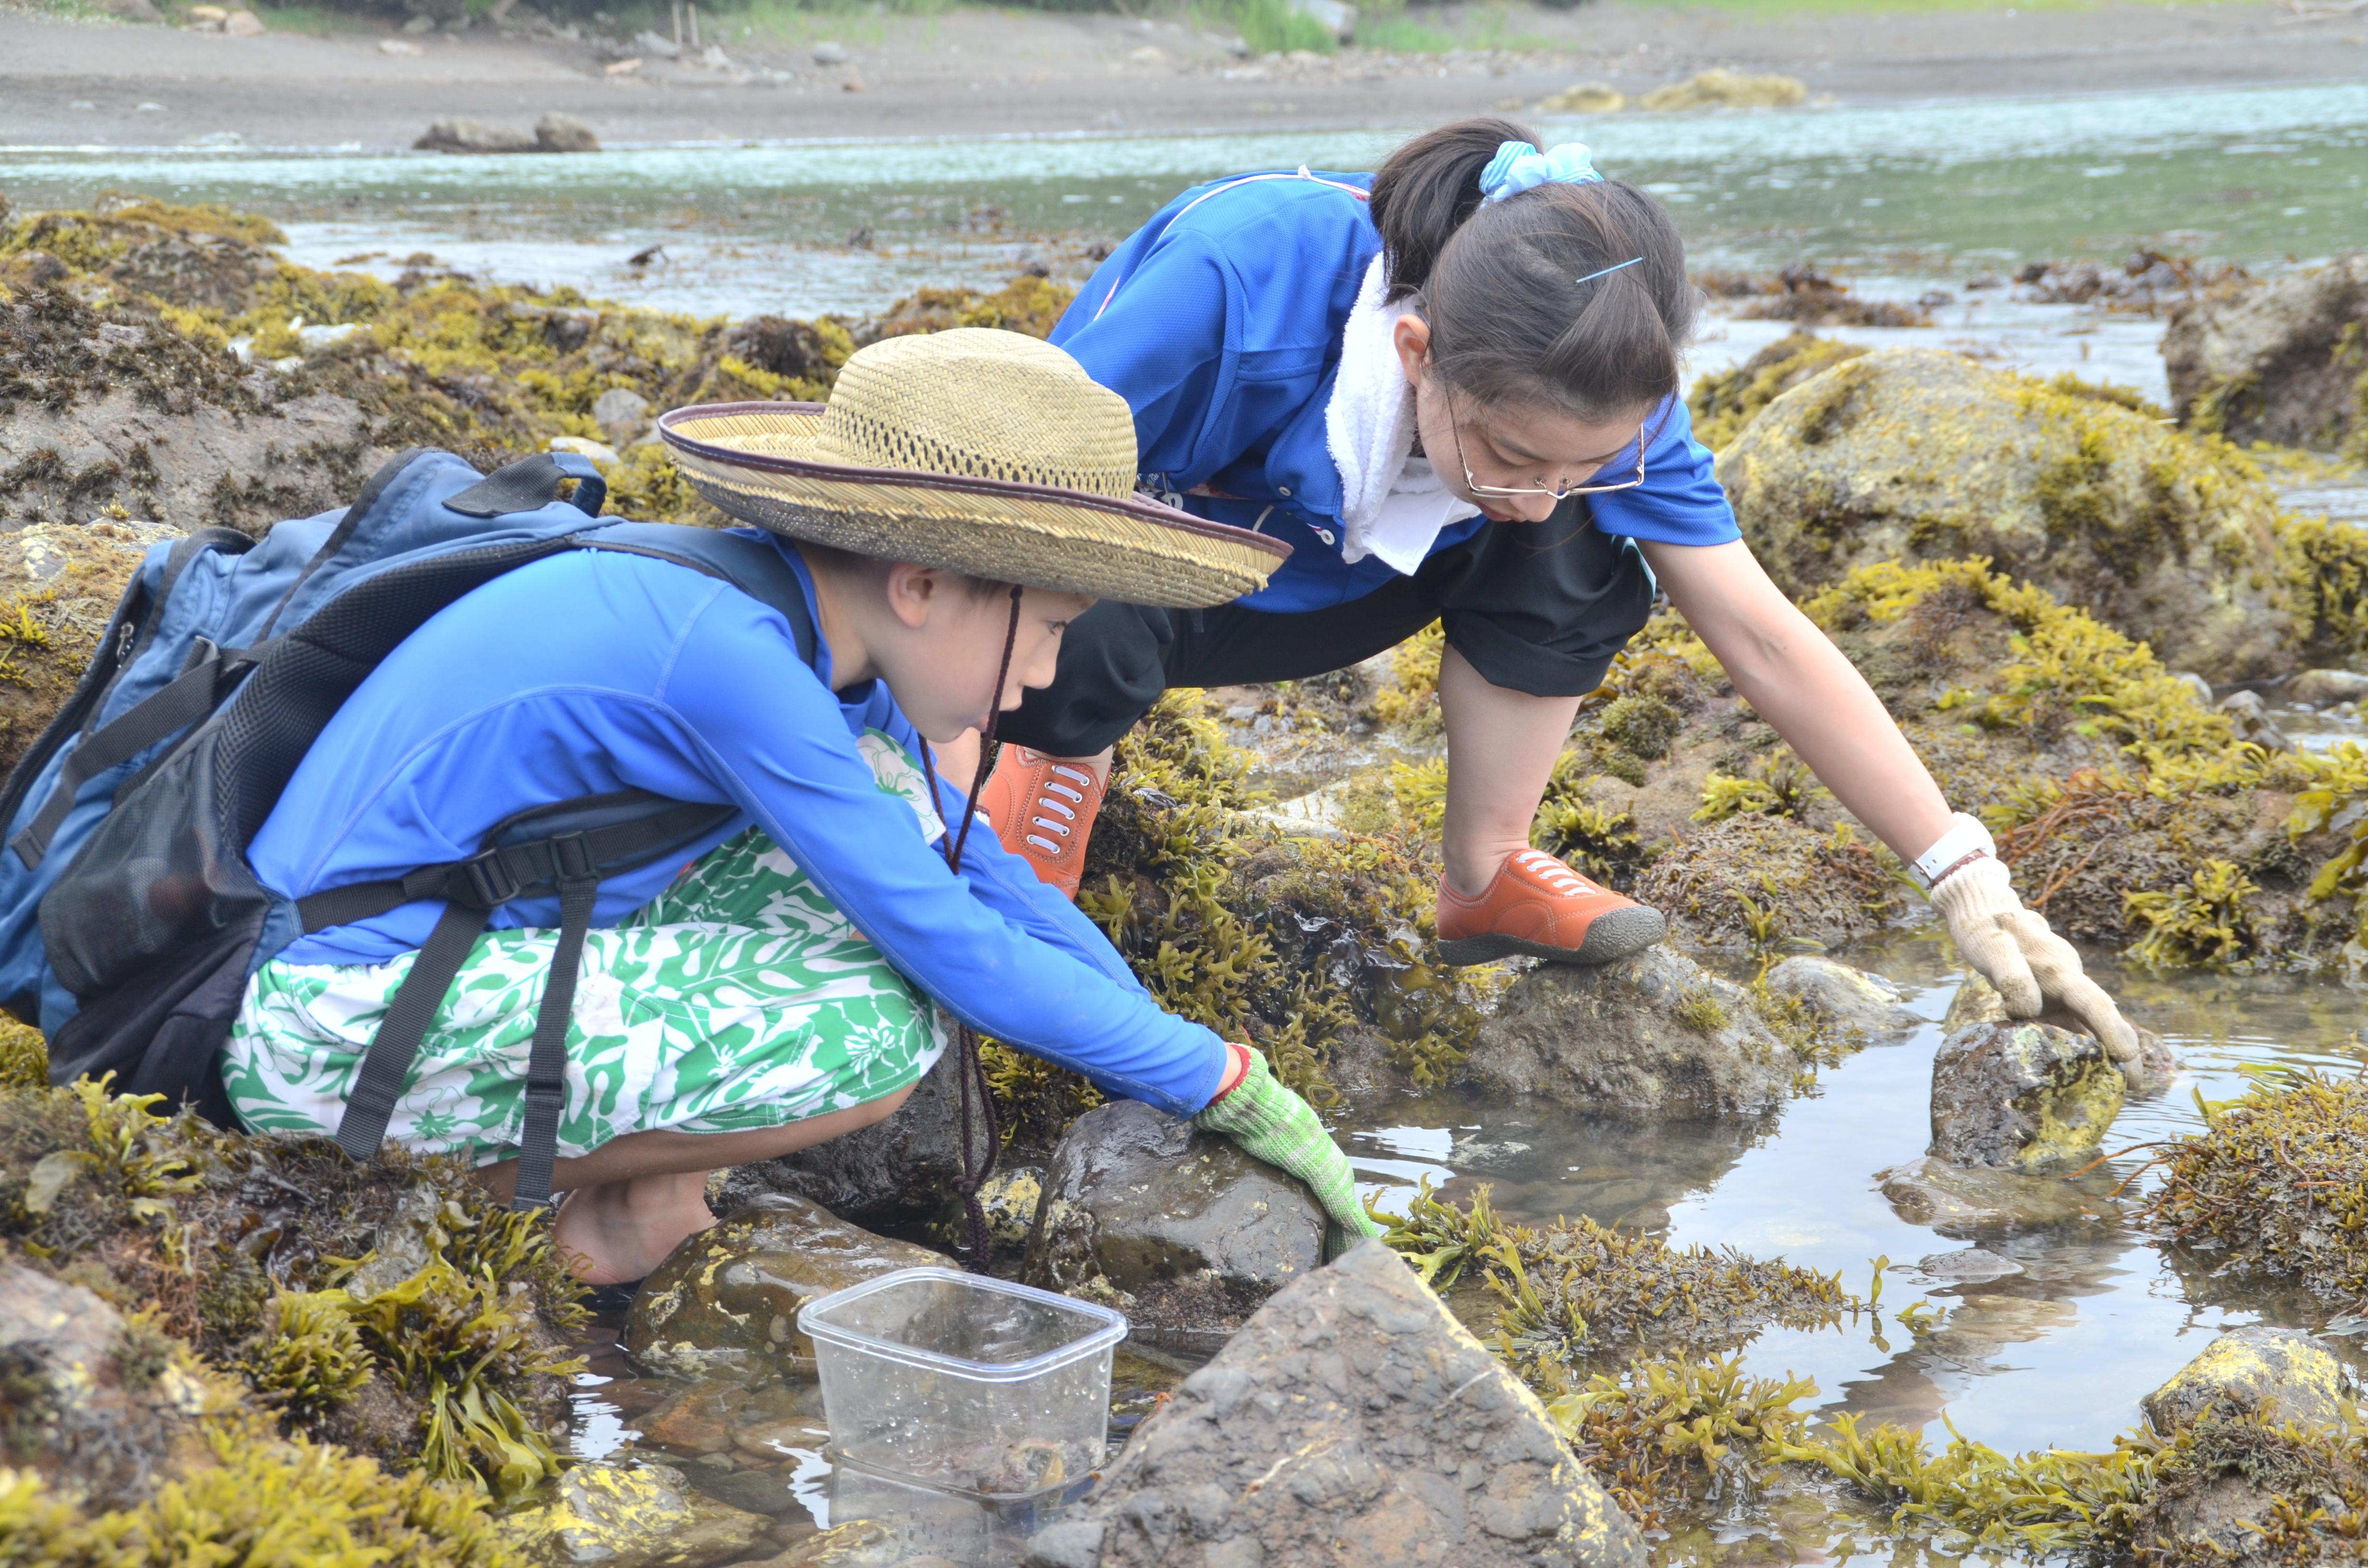 科学館での最初の企画展のテーマは、「海の生物の化石」